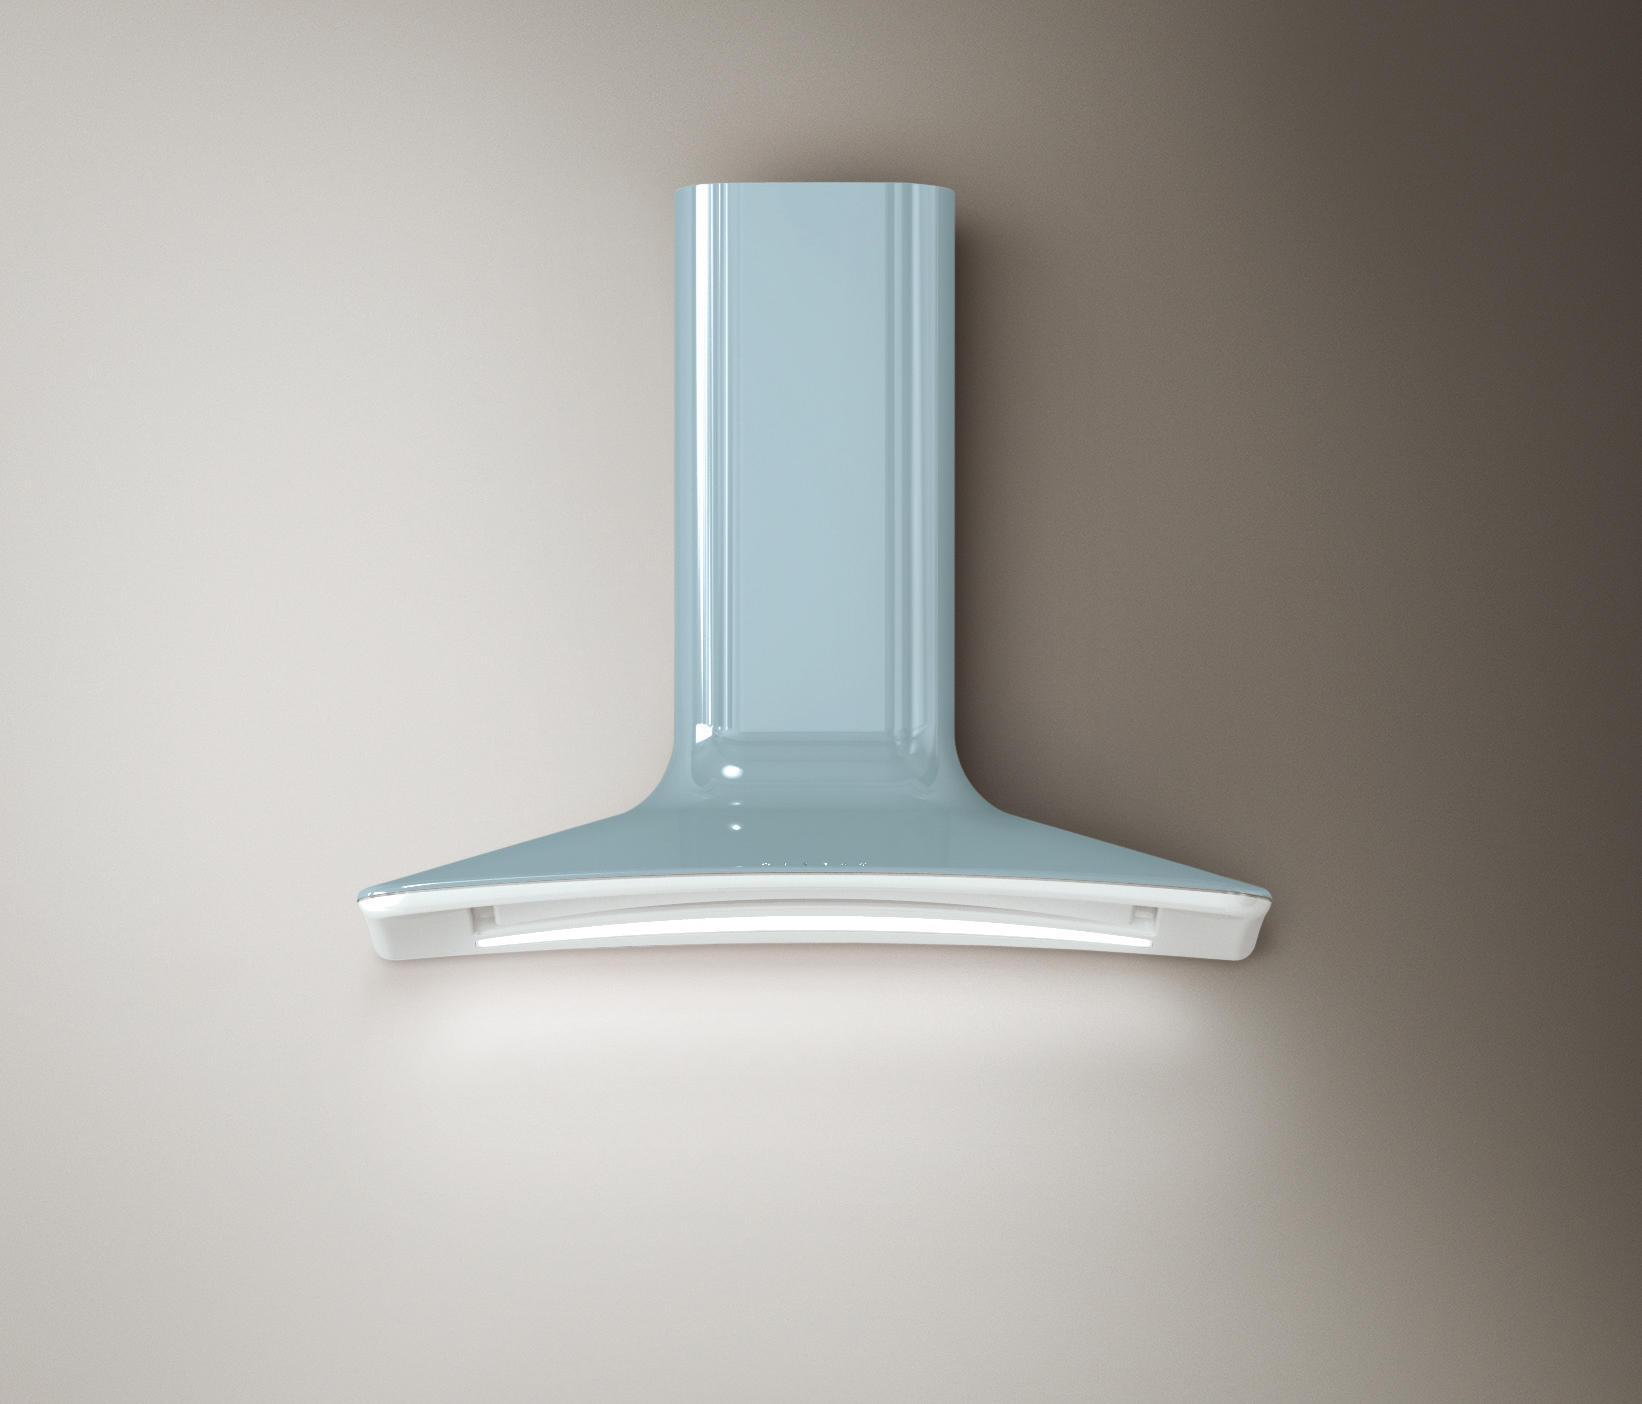 SWEET WALL MOUNTED - Küchenabzugshauben von Elica | Architonic